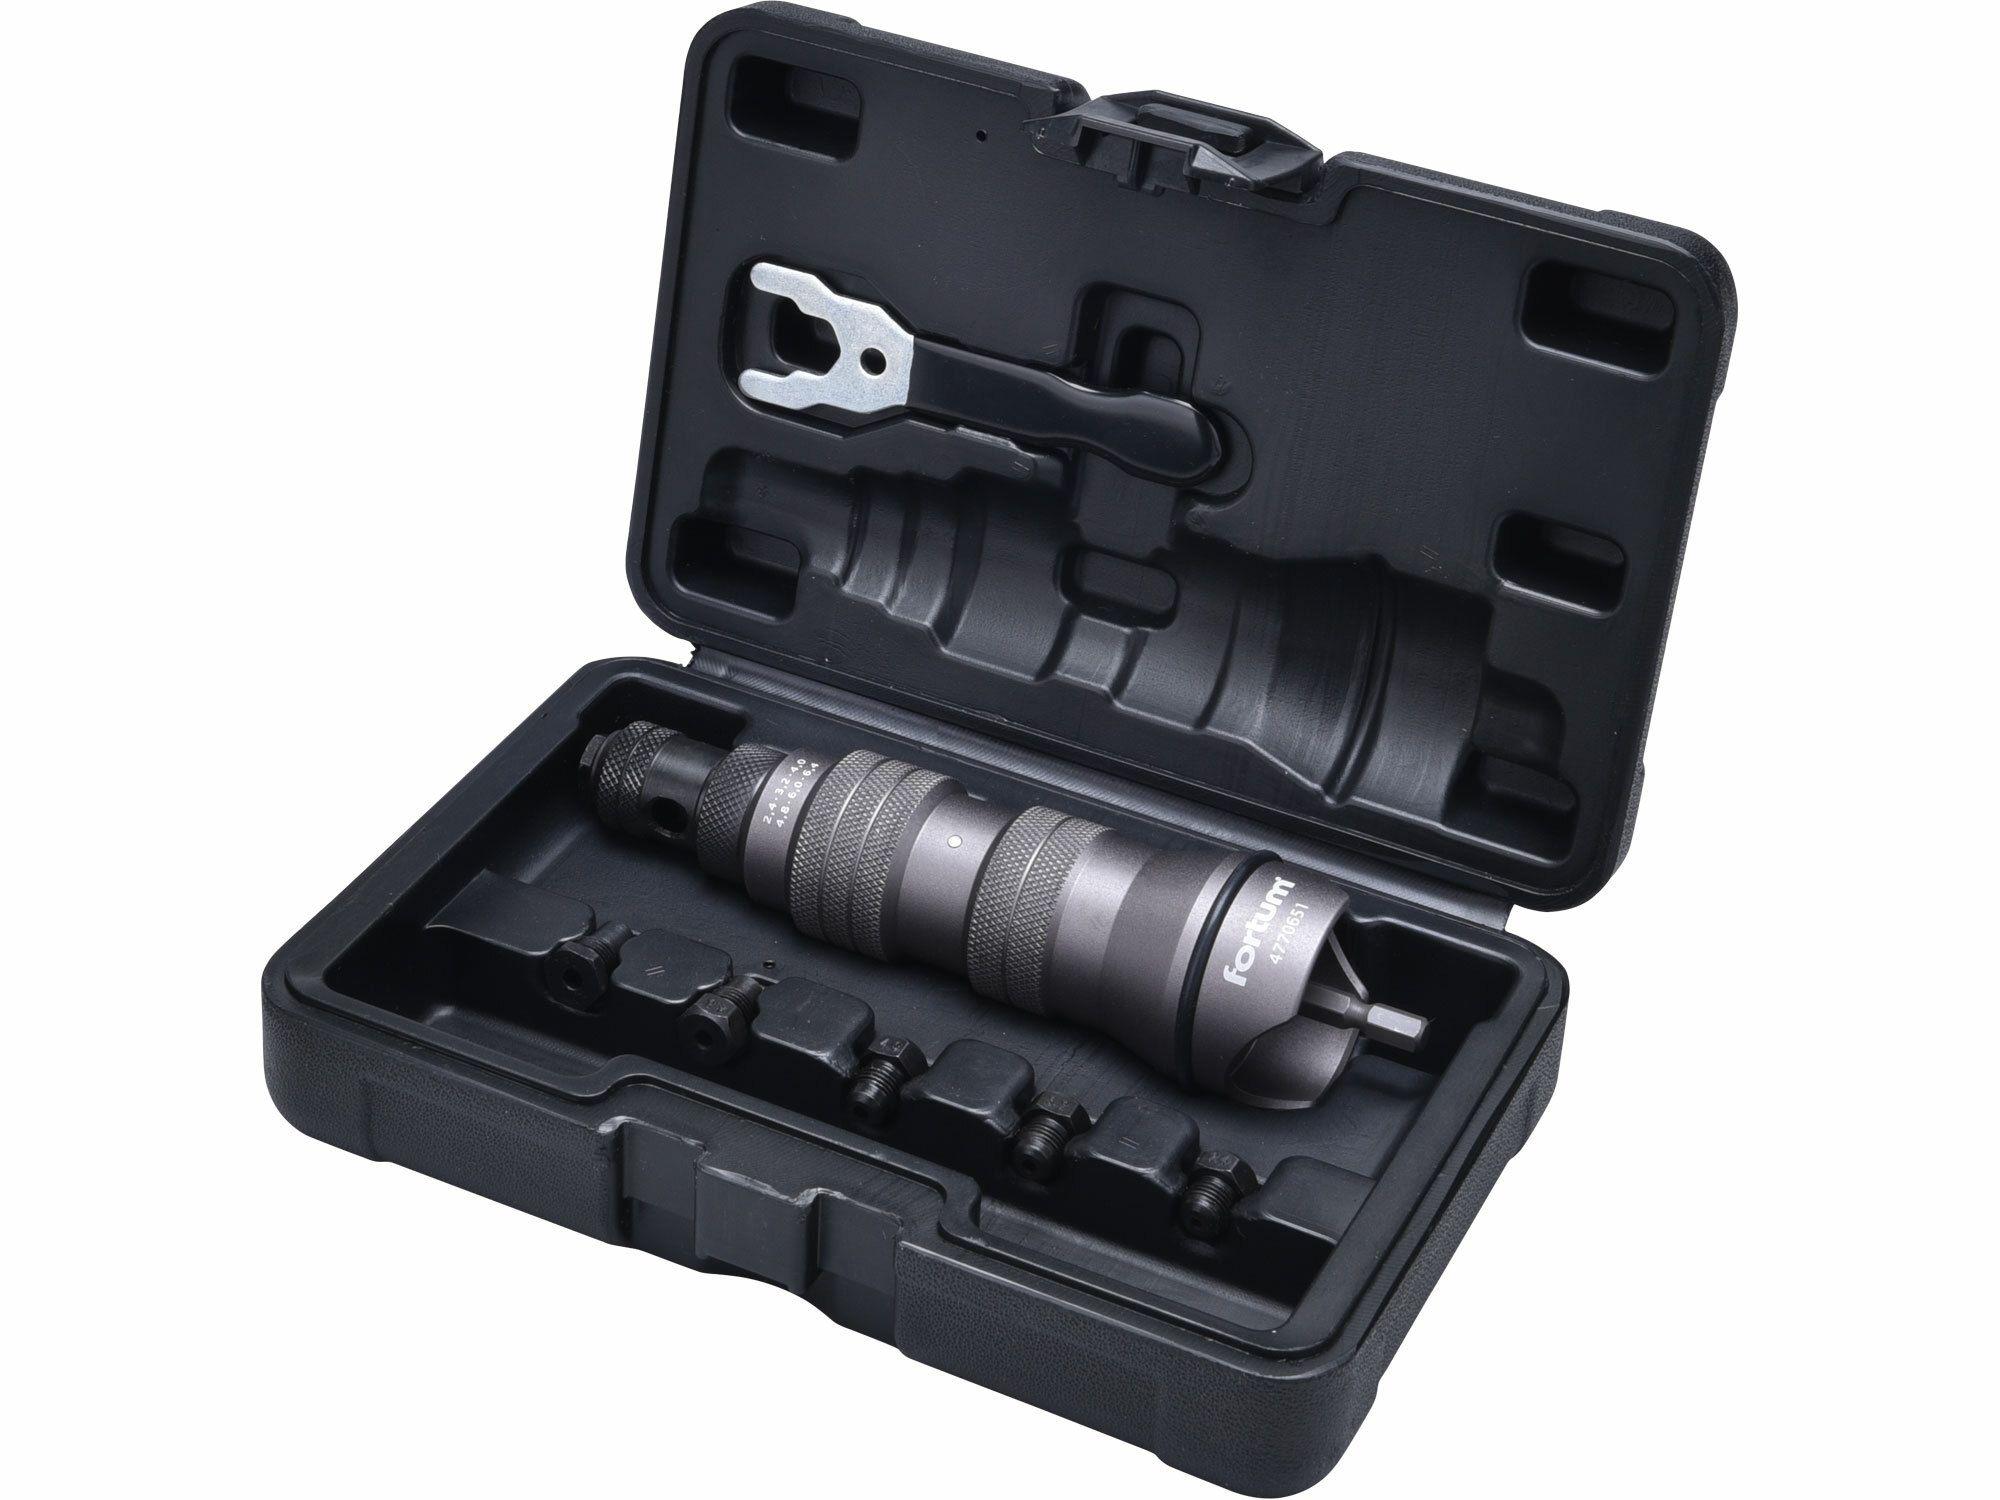 Nástavec nýtovací na vrtačku, pro trhací nýty 2,4-6,4mm, CrMo FORTUM